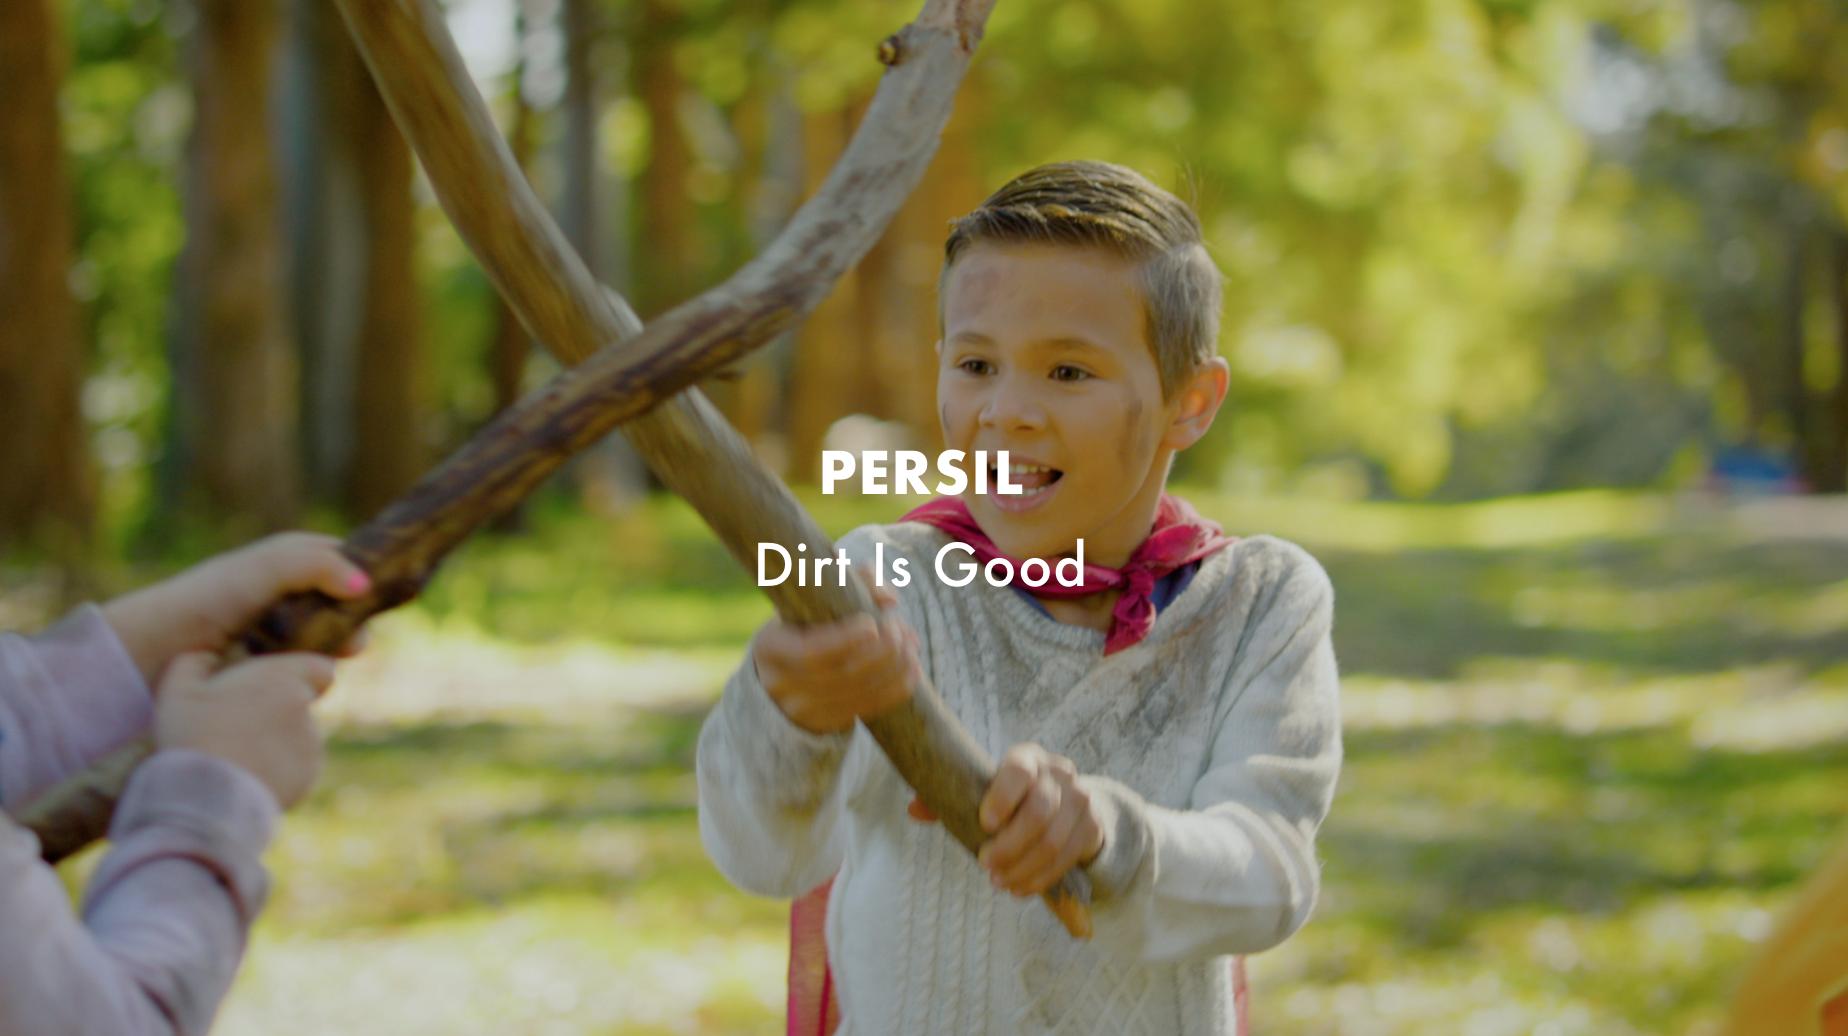 Persil - Dirt Is Good